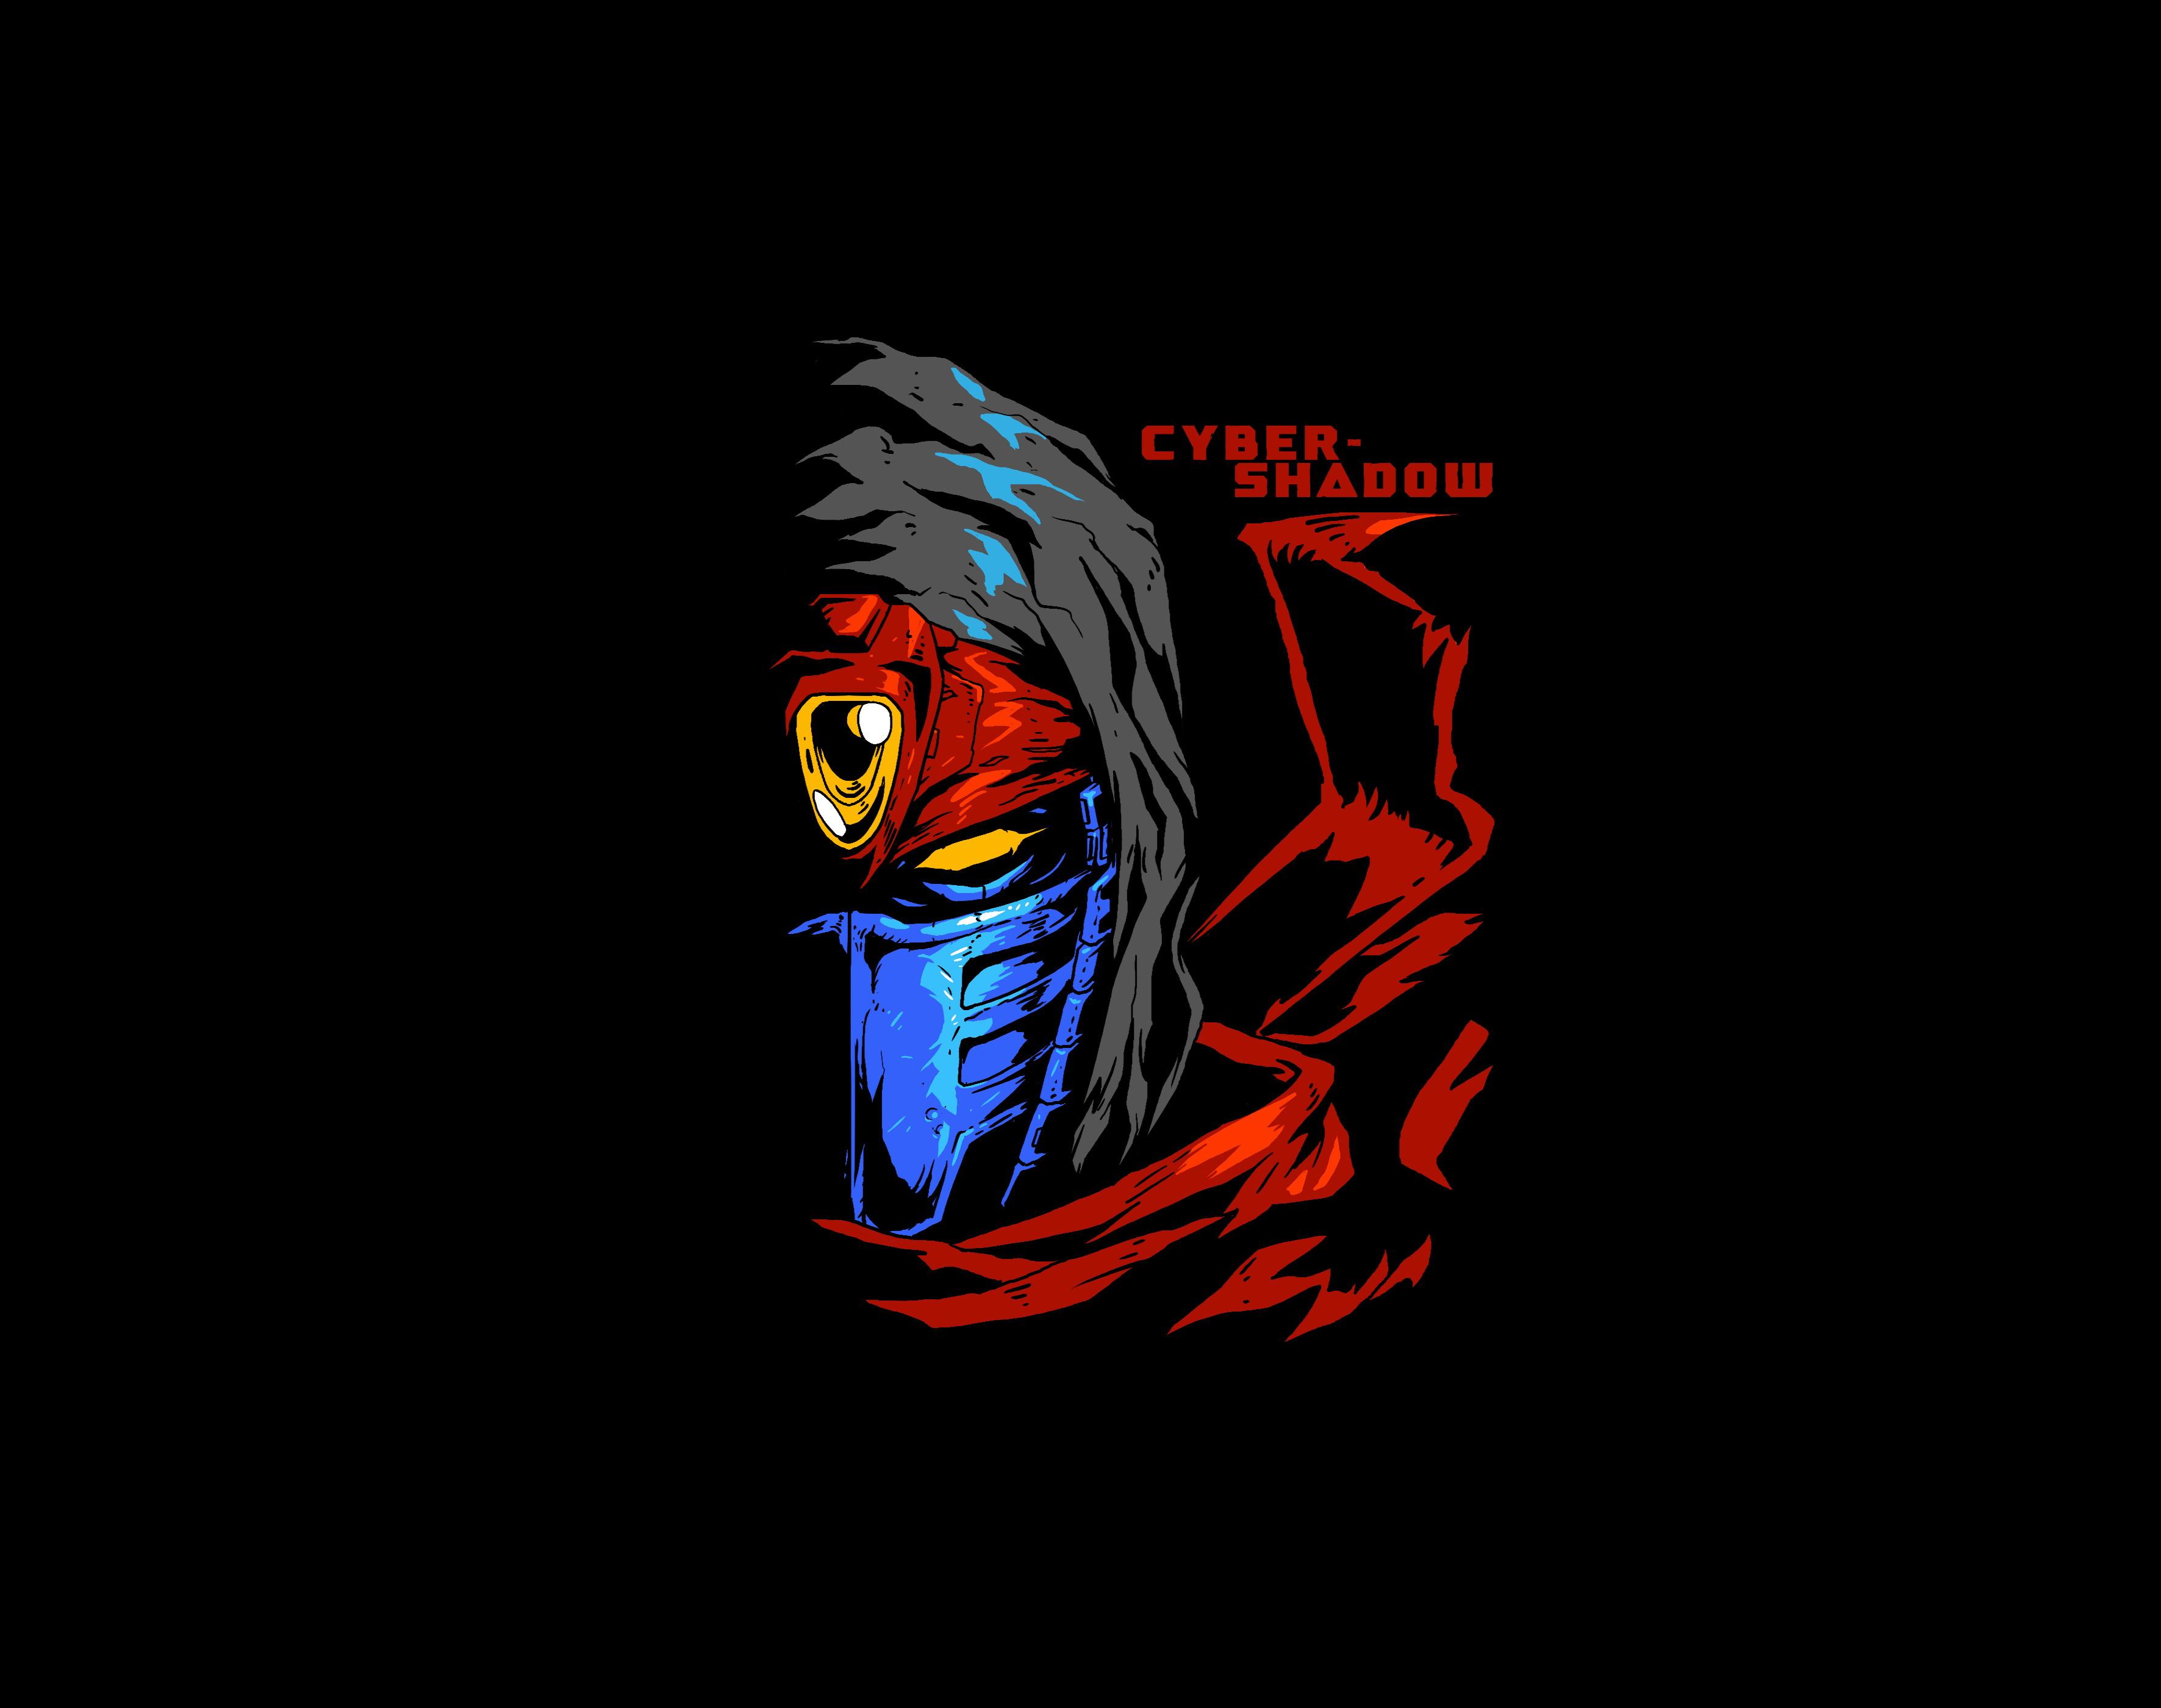 CyberShadow Multi Visuel 006